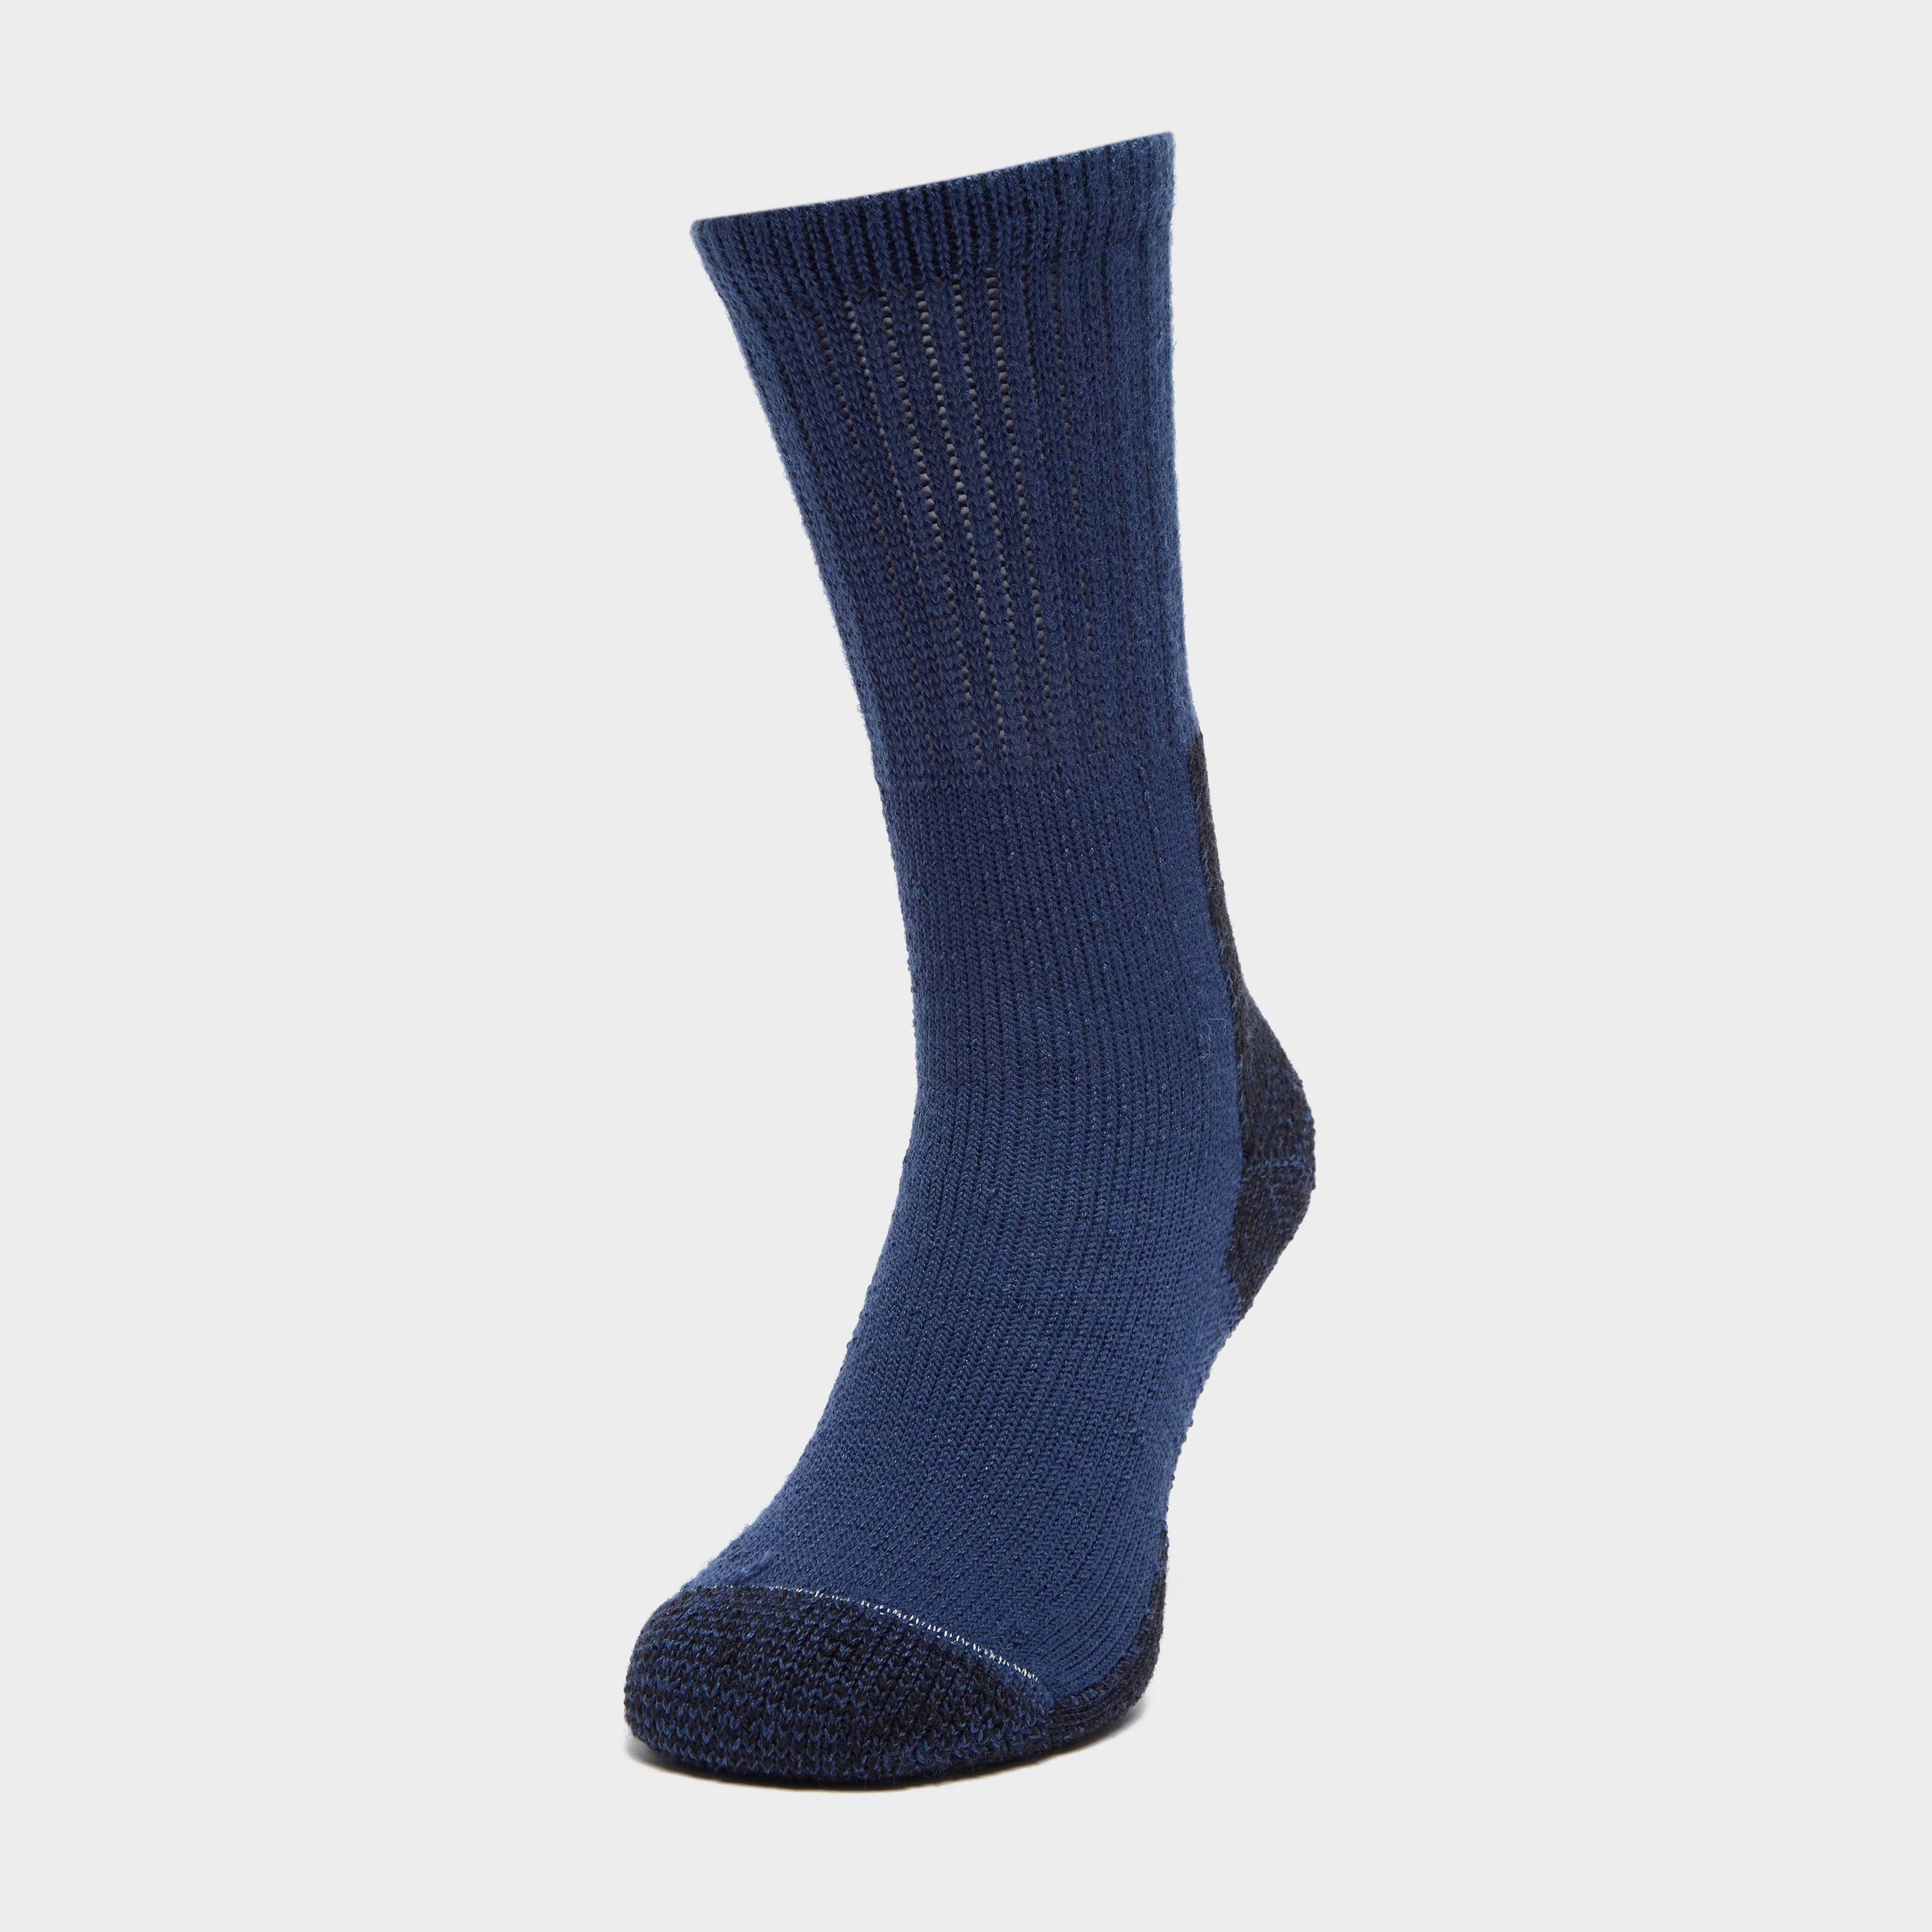 Thorlo Mens Hiker Socks - Navy/mens  Navy/mens